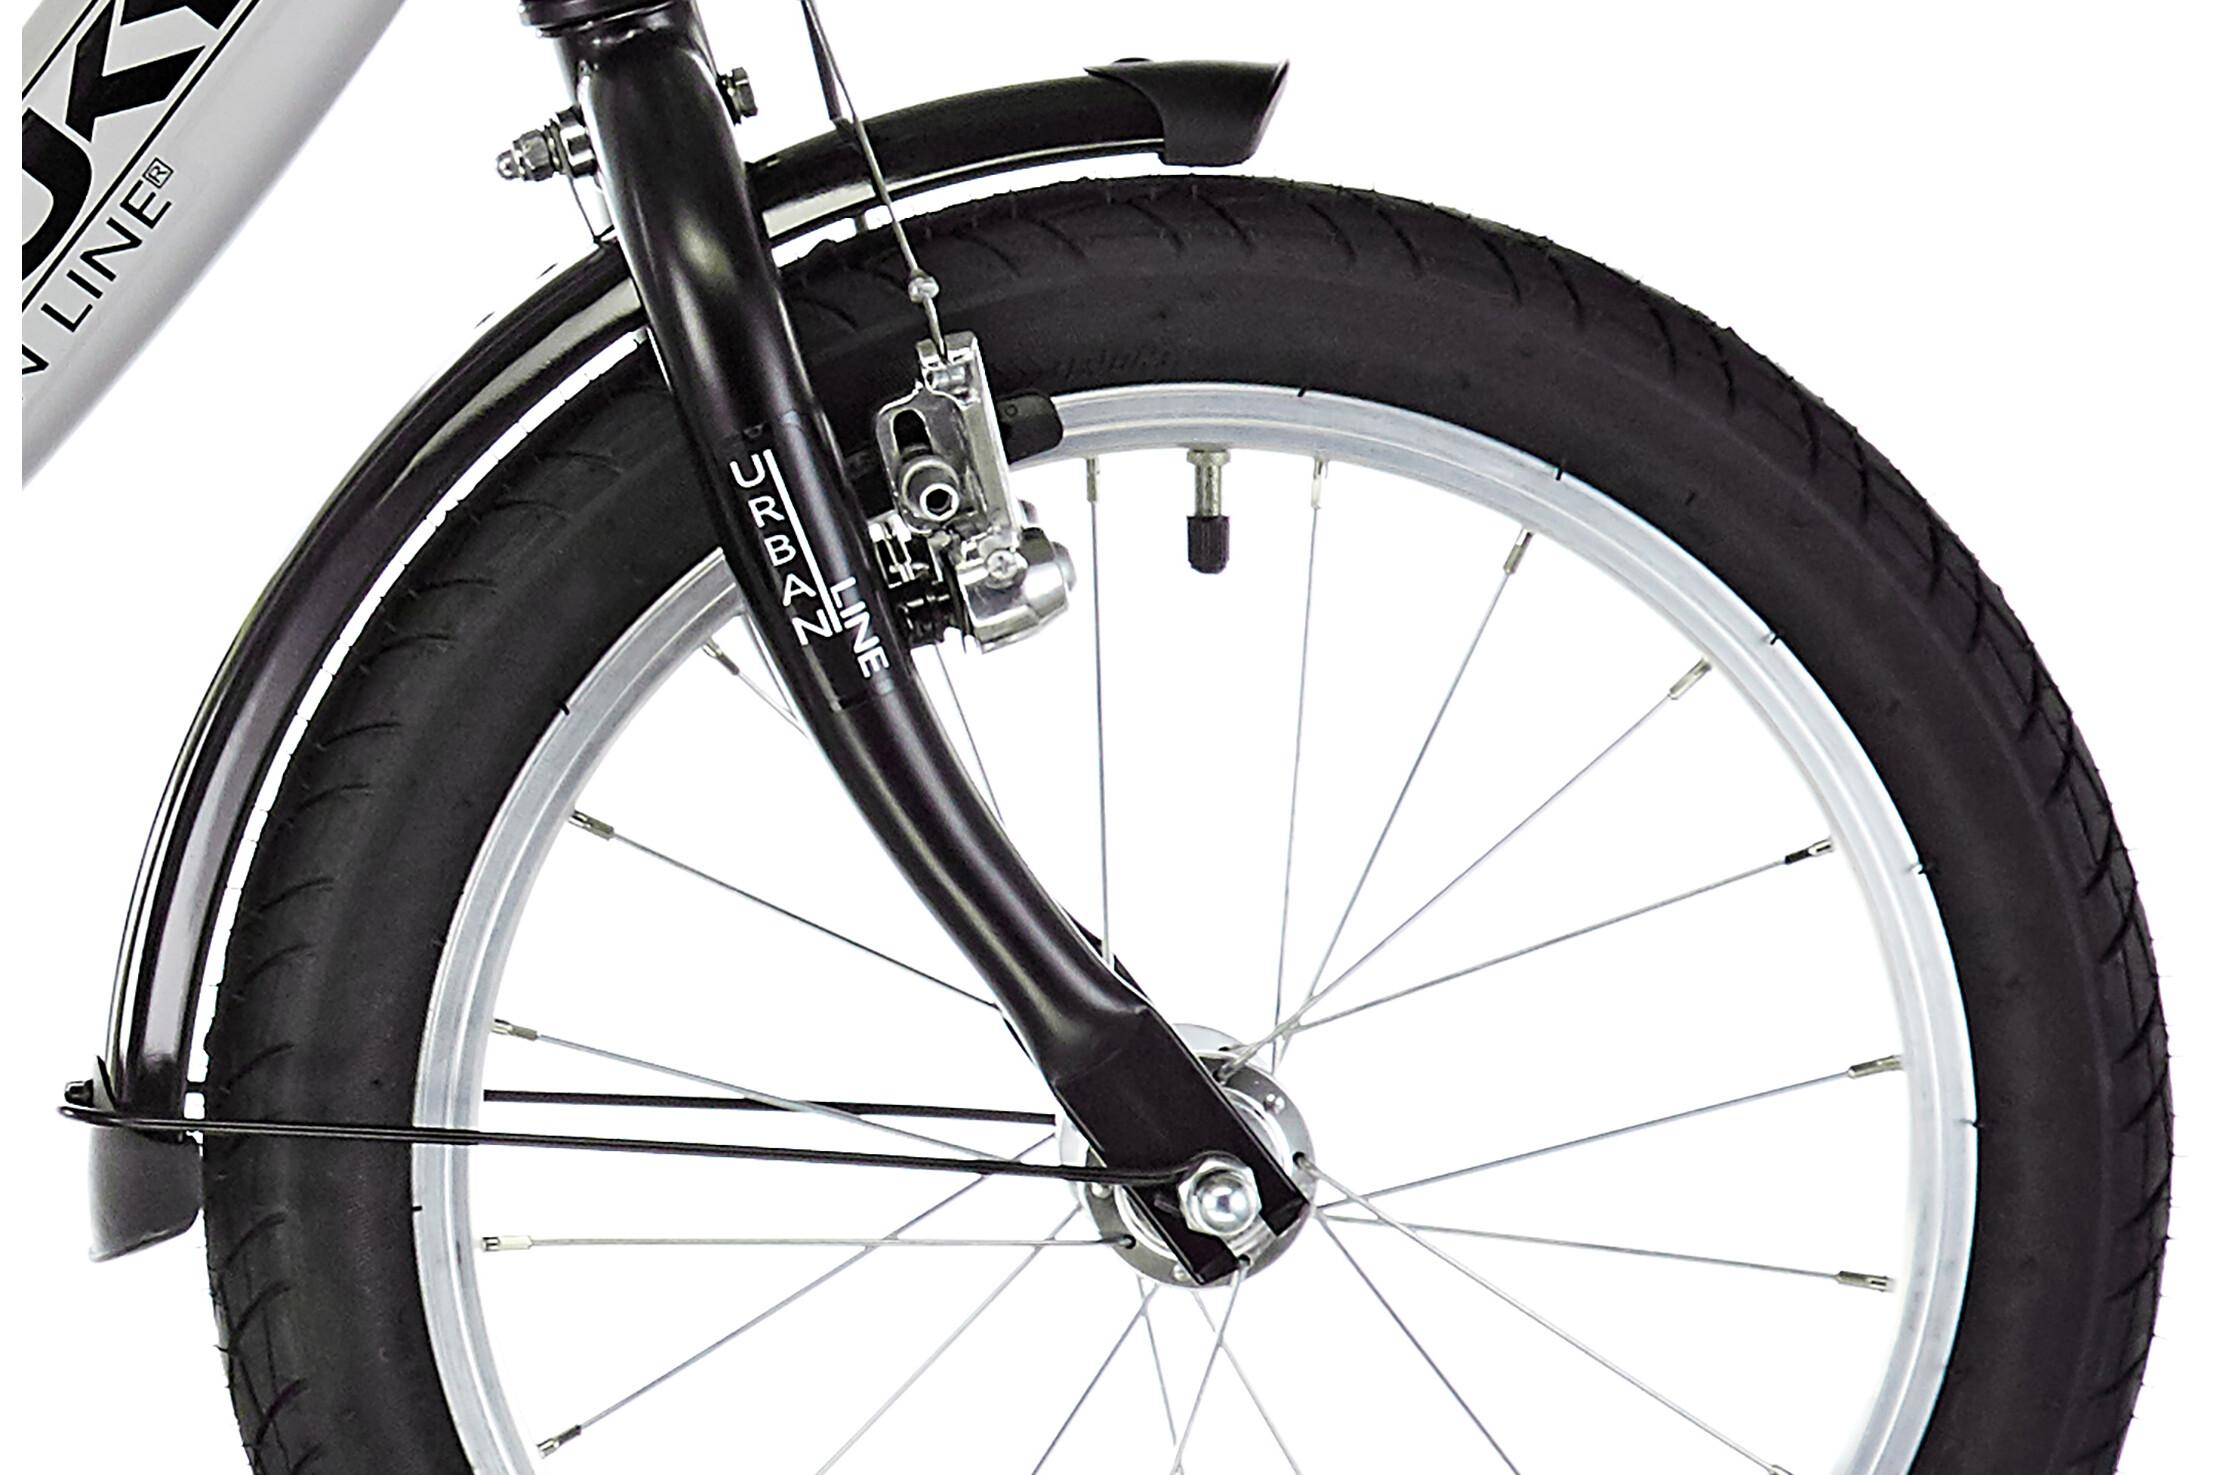 puky zl 16 1 alu fahrrad 16 kinder lichtgrau schwarz. Black Bedroom Furniture Sets. Home Design Ideas